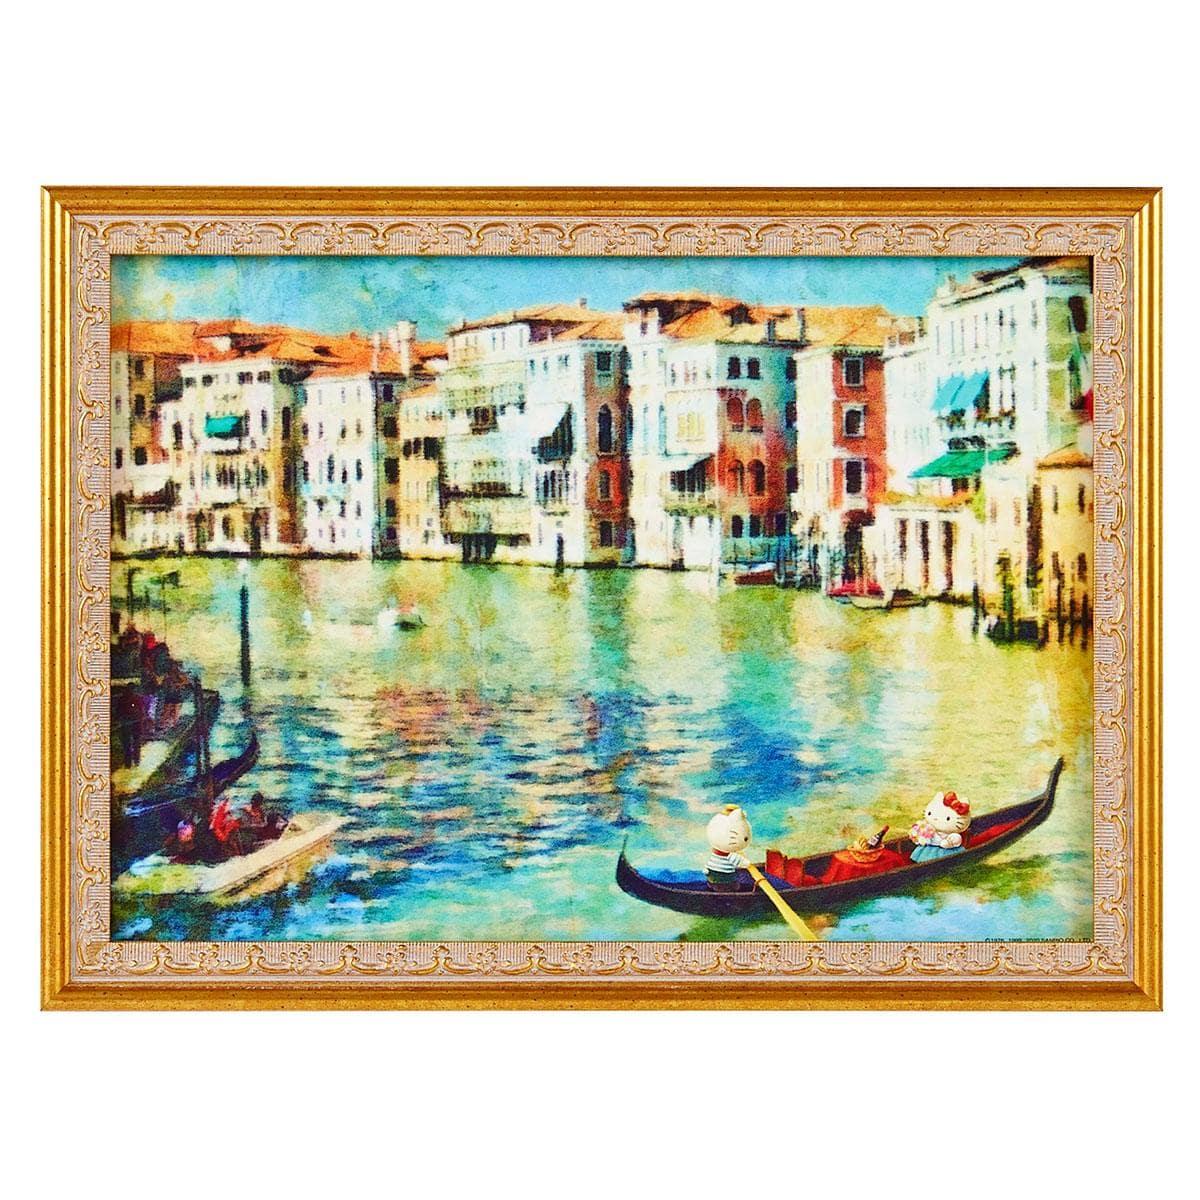 再販売される絵画「ハローキティとディアダニエルのベネツィアデート」 © 1976, 1990, 1996, 1999, 2001, 2010, 2021 SANRIO CO., LTD.